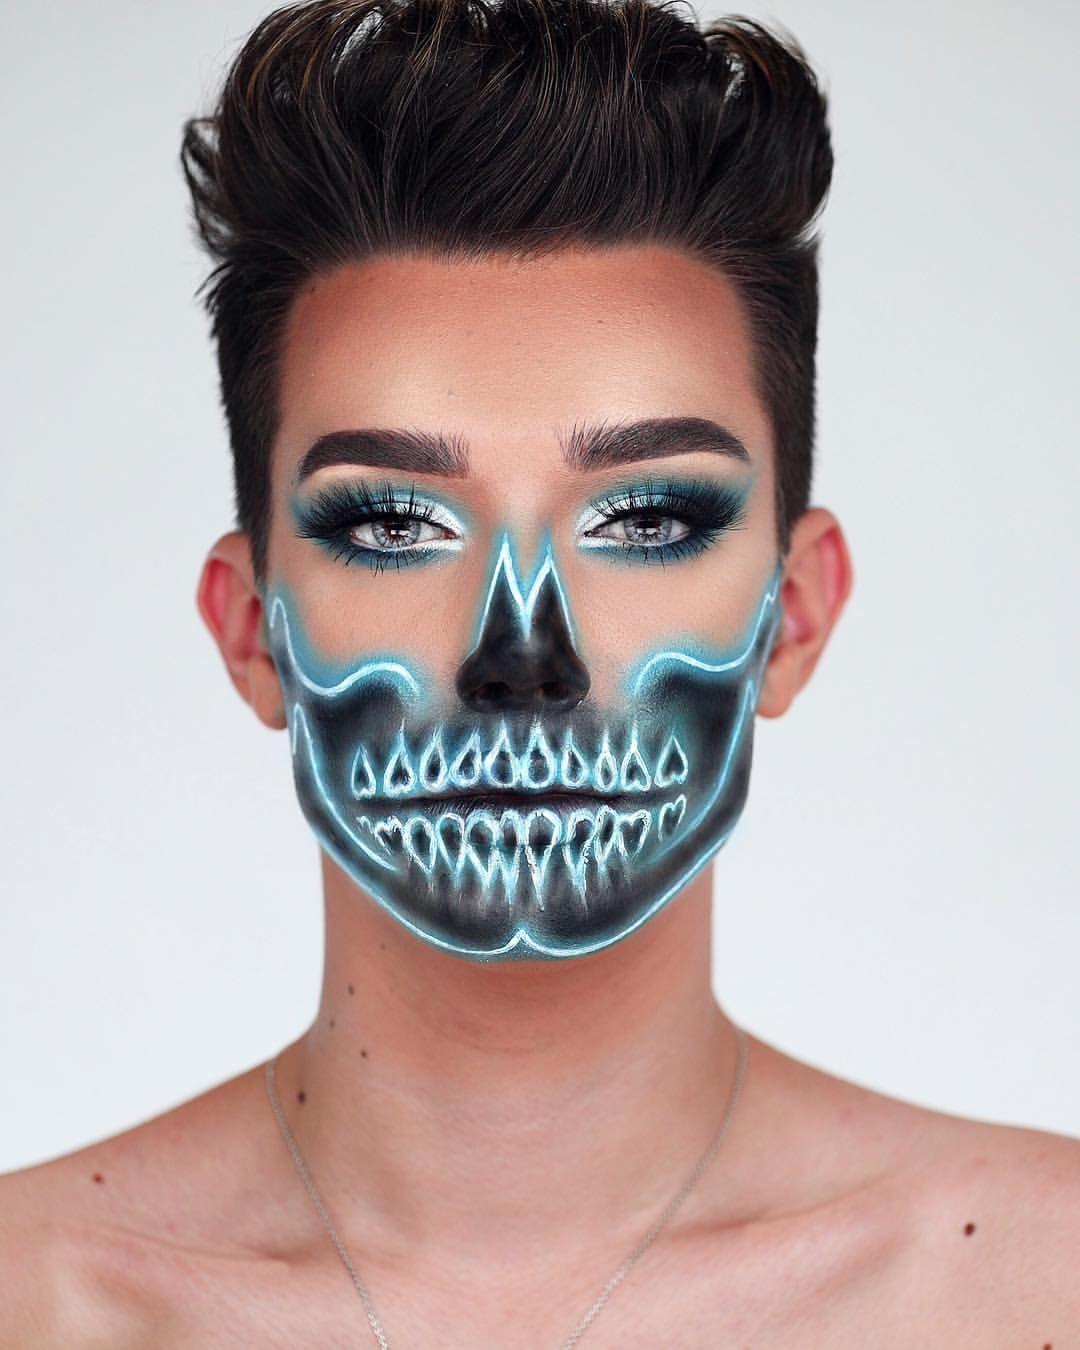 Fluo Makeup Tutorial